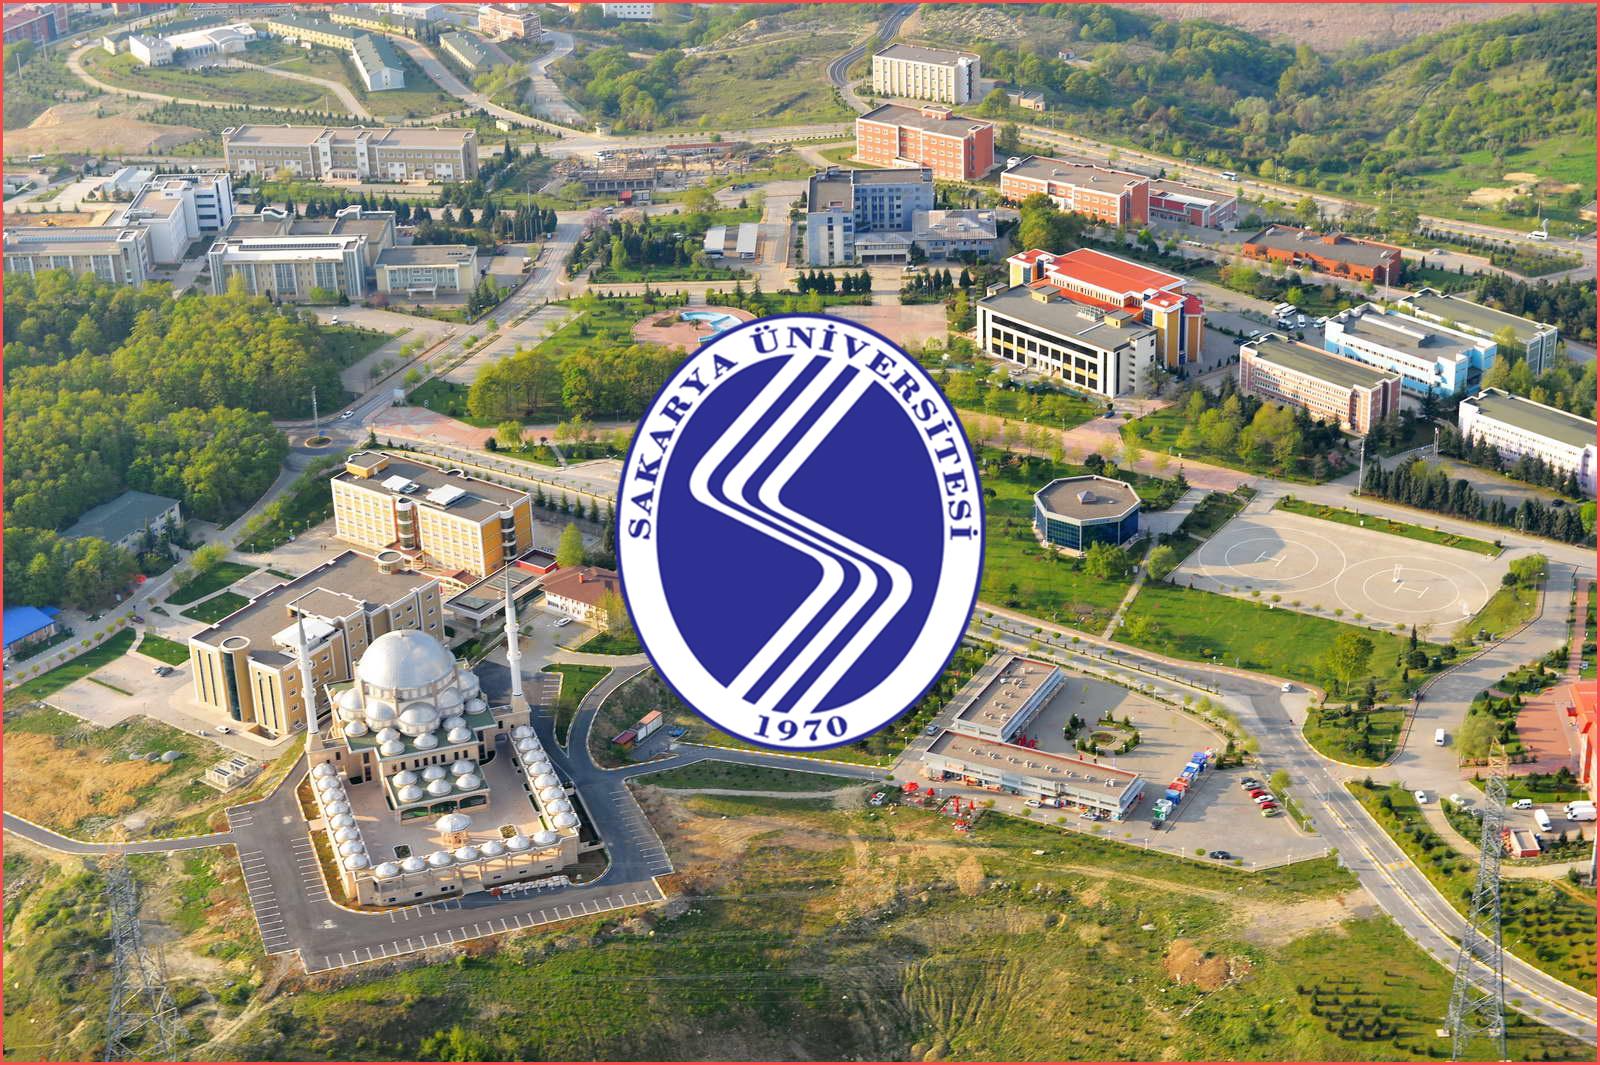 جامعة سكاريا شروط القبول وتكاليف الدراسة جامعة سكاريا